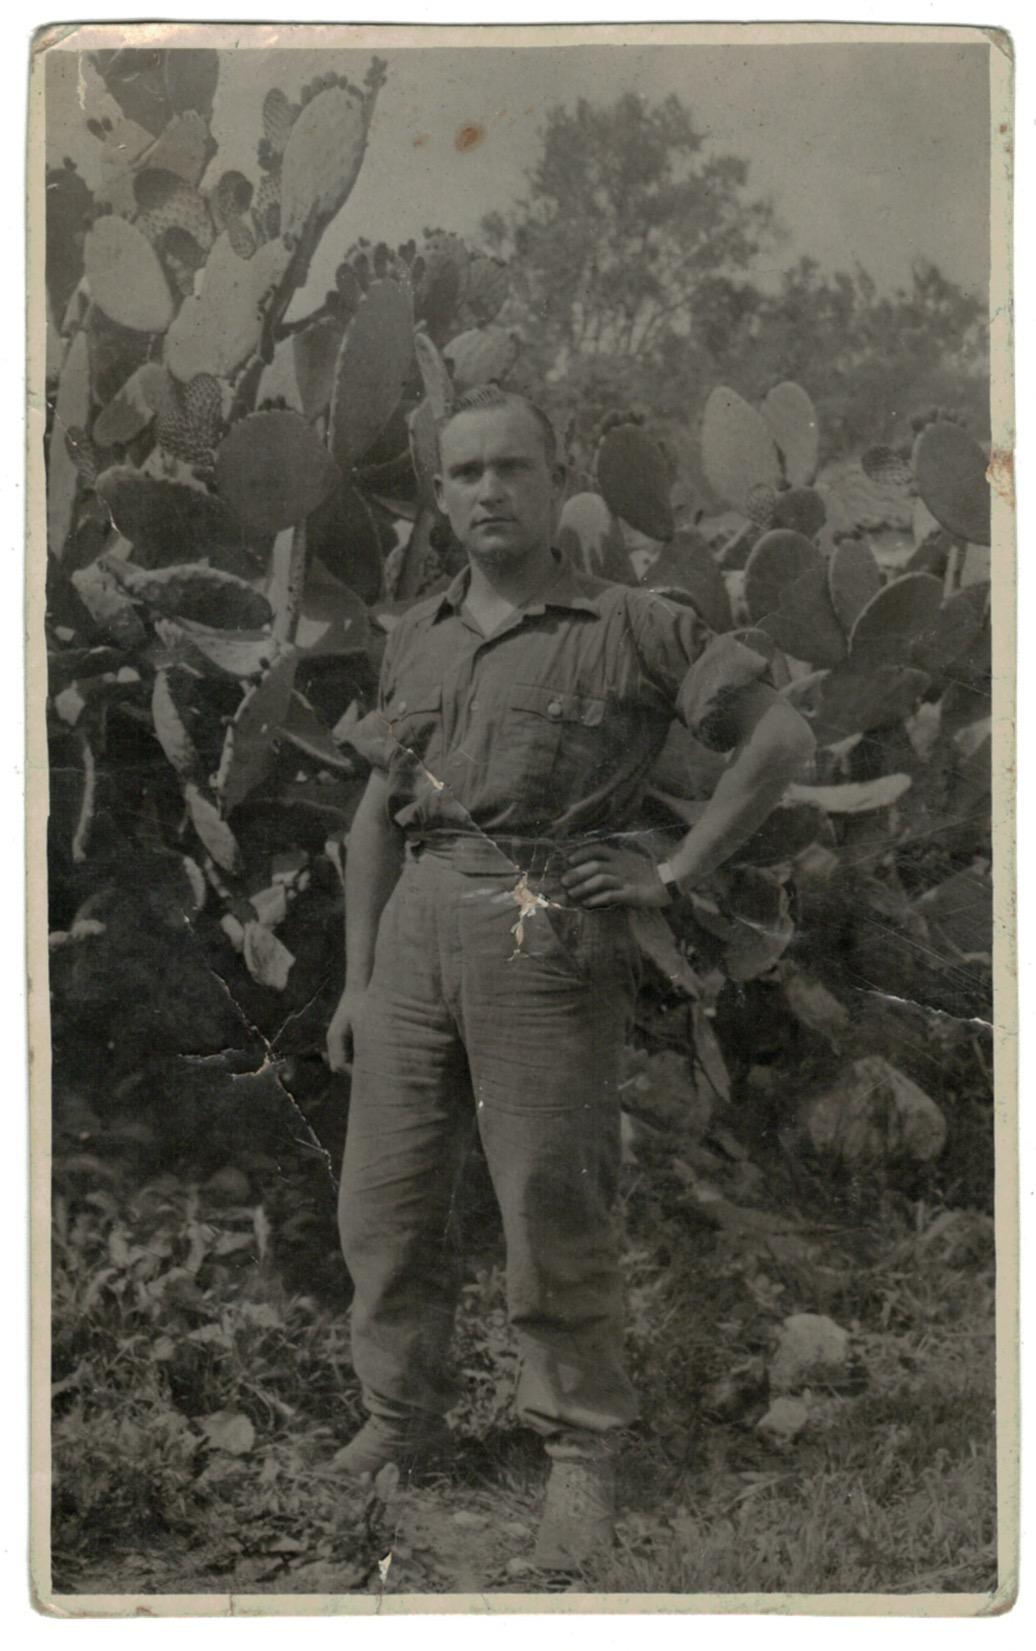 3 Cartes photo Soldat Allemand - Front Afrique 1943 - Deutsches Afrikakorps - Uniforme - Afrique - Werhmarcht